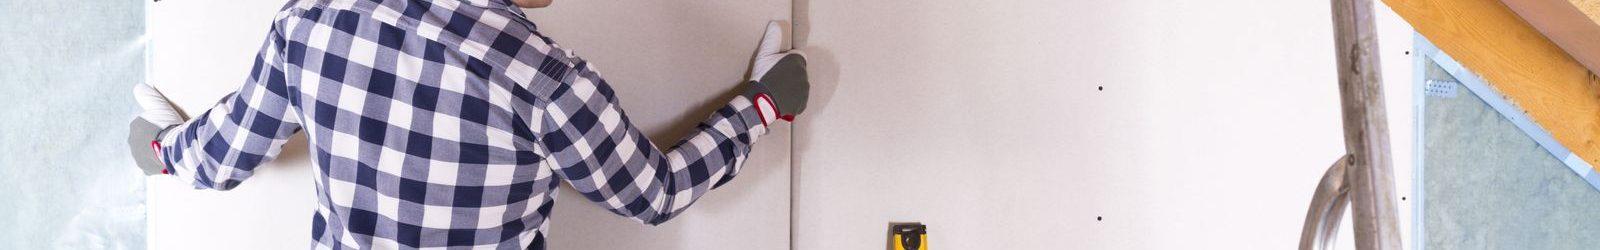 Réduire les nuisances dans sa maison en entreprenant des travaux d'insonorisation